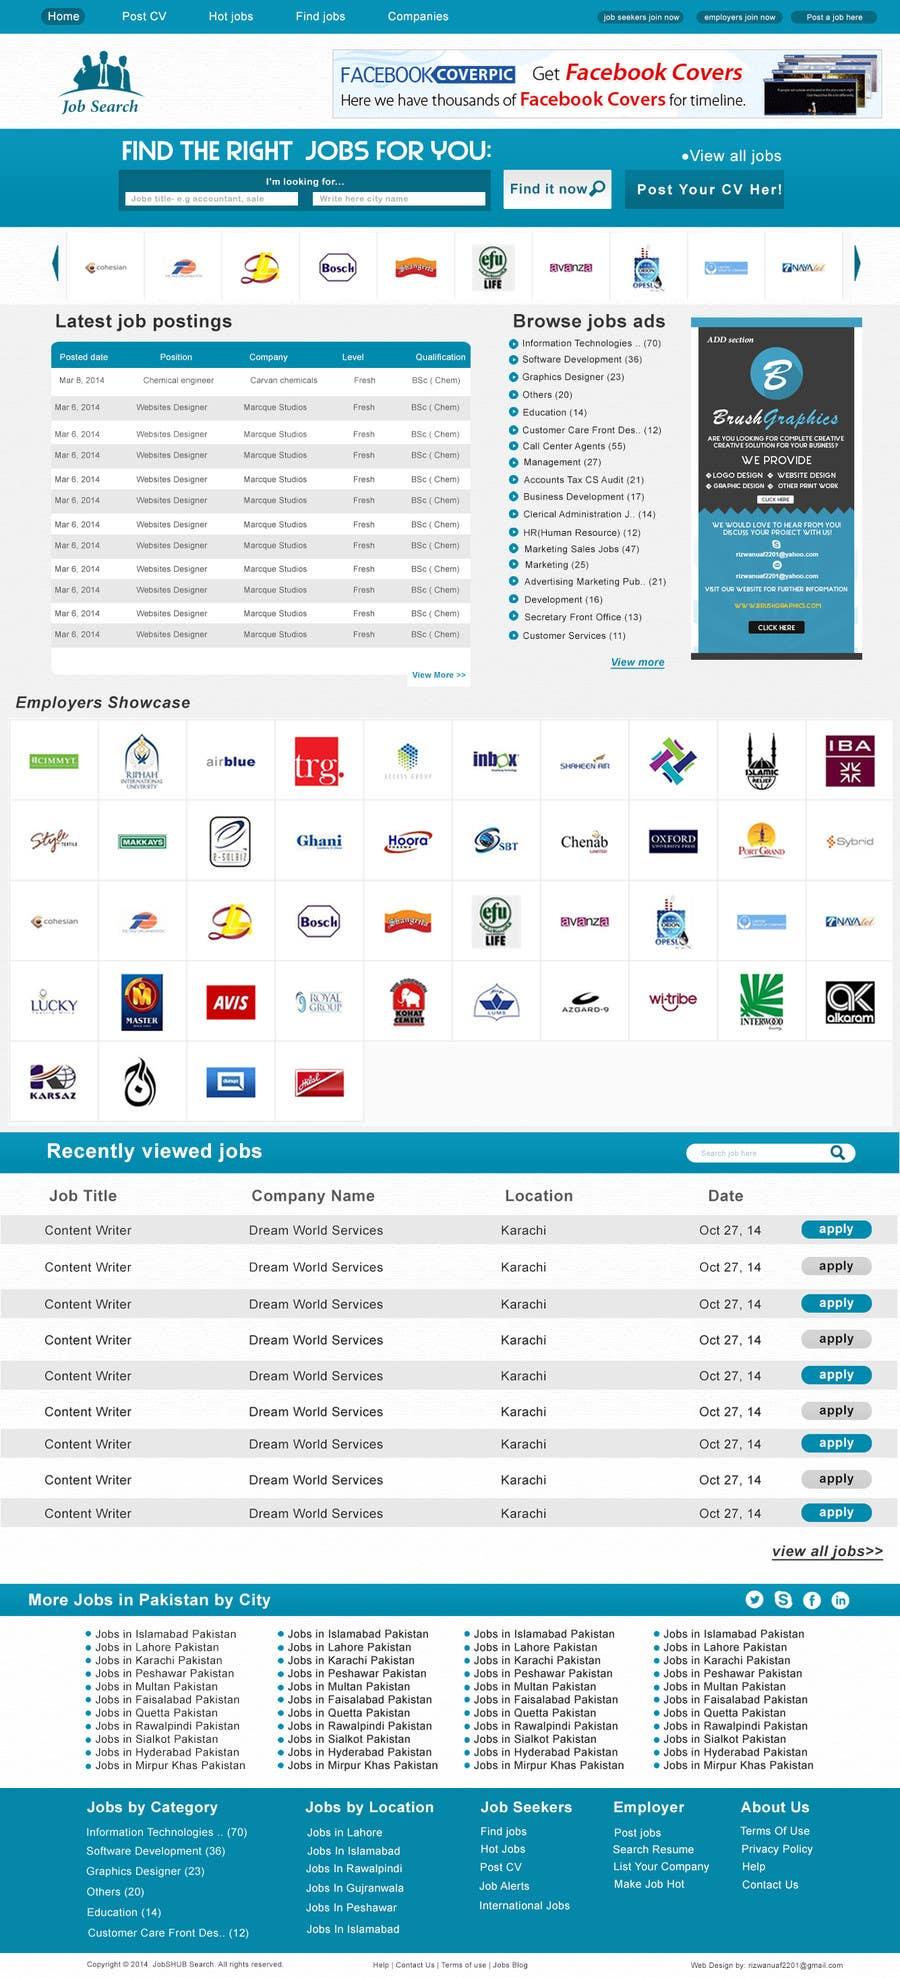 Konkurrenceindlæg #10 for Design a Website Mockup for a Job Search Engine